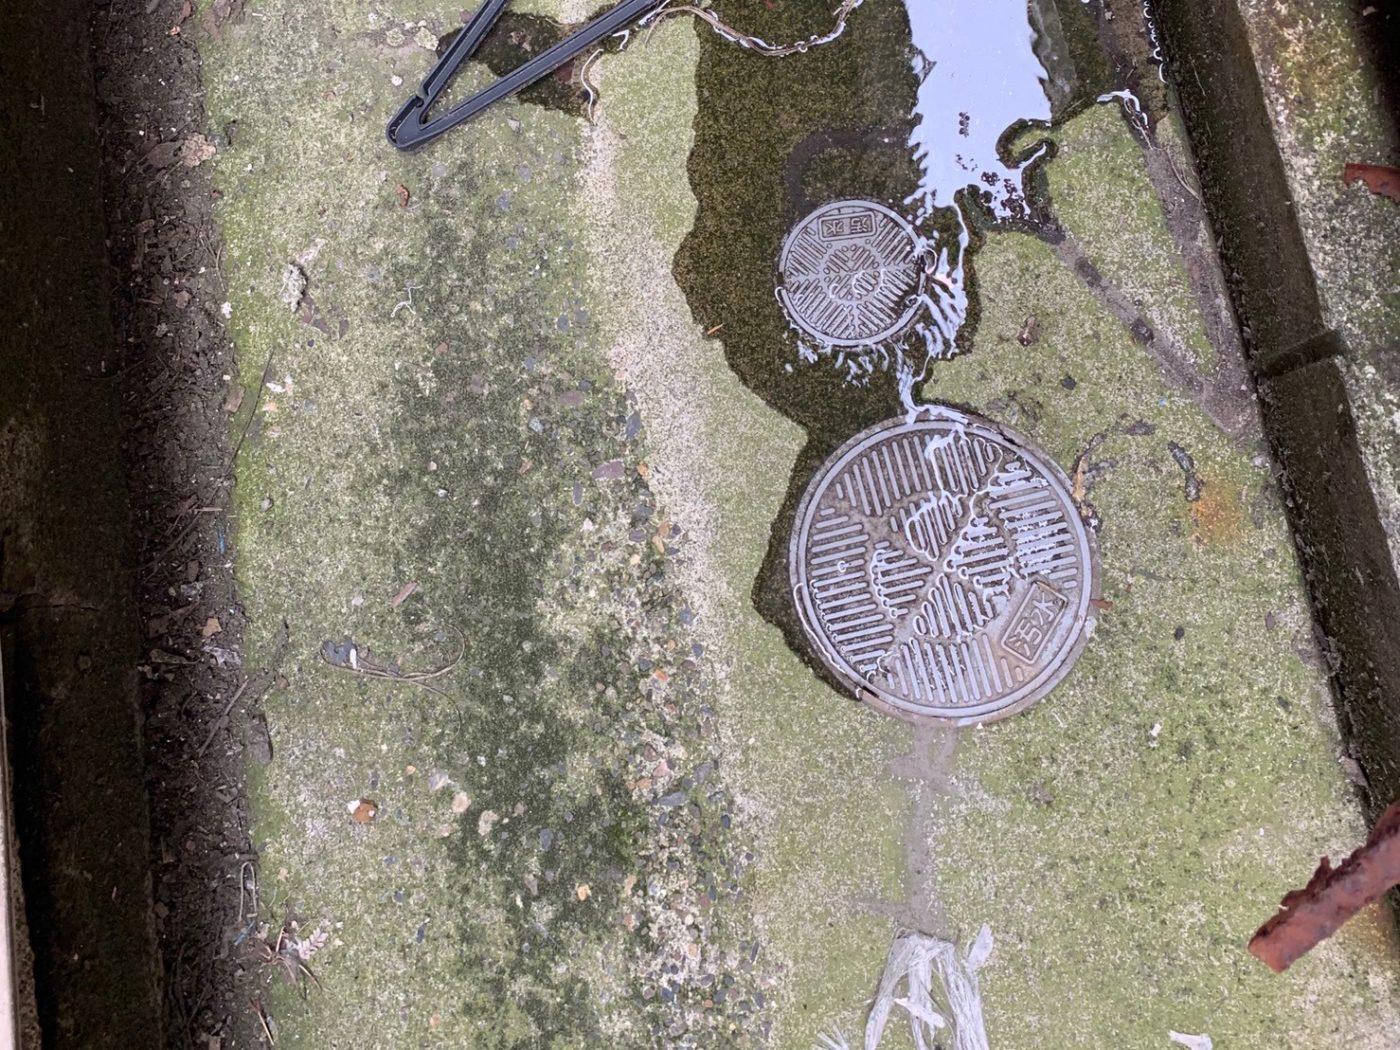 トイレのつまりの原因、汚水桝から汚水が溢れている